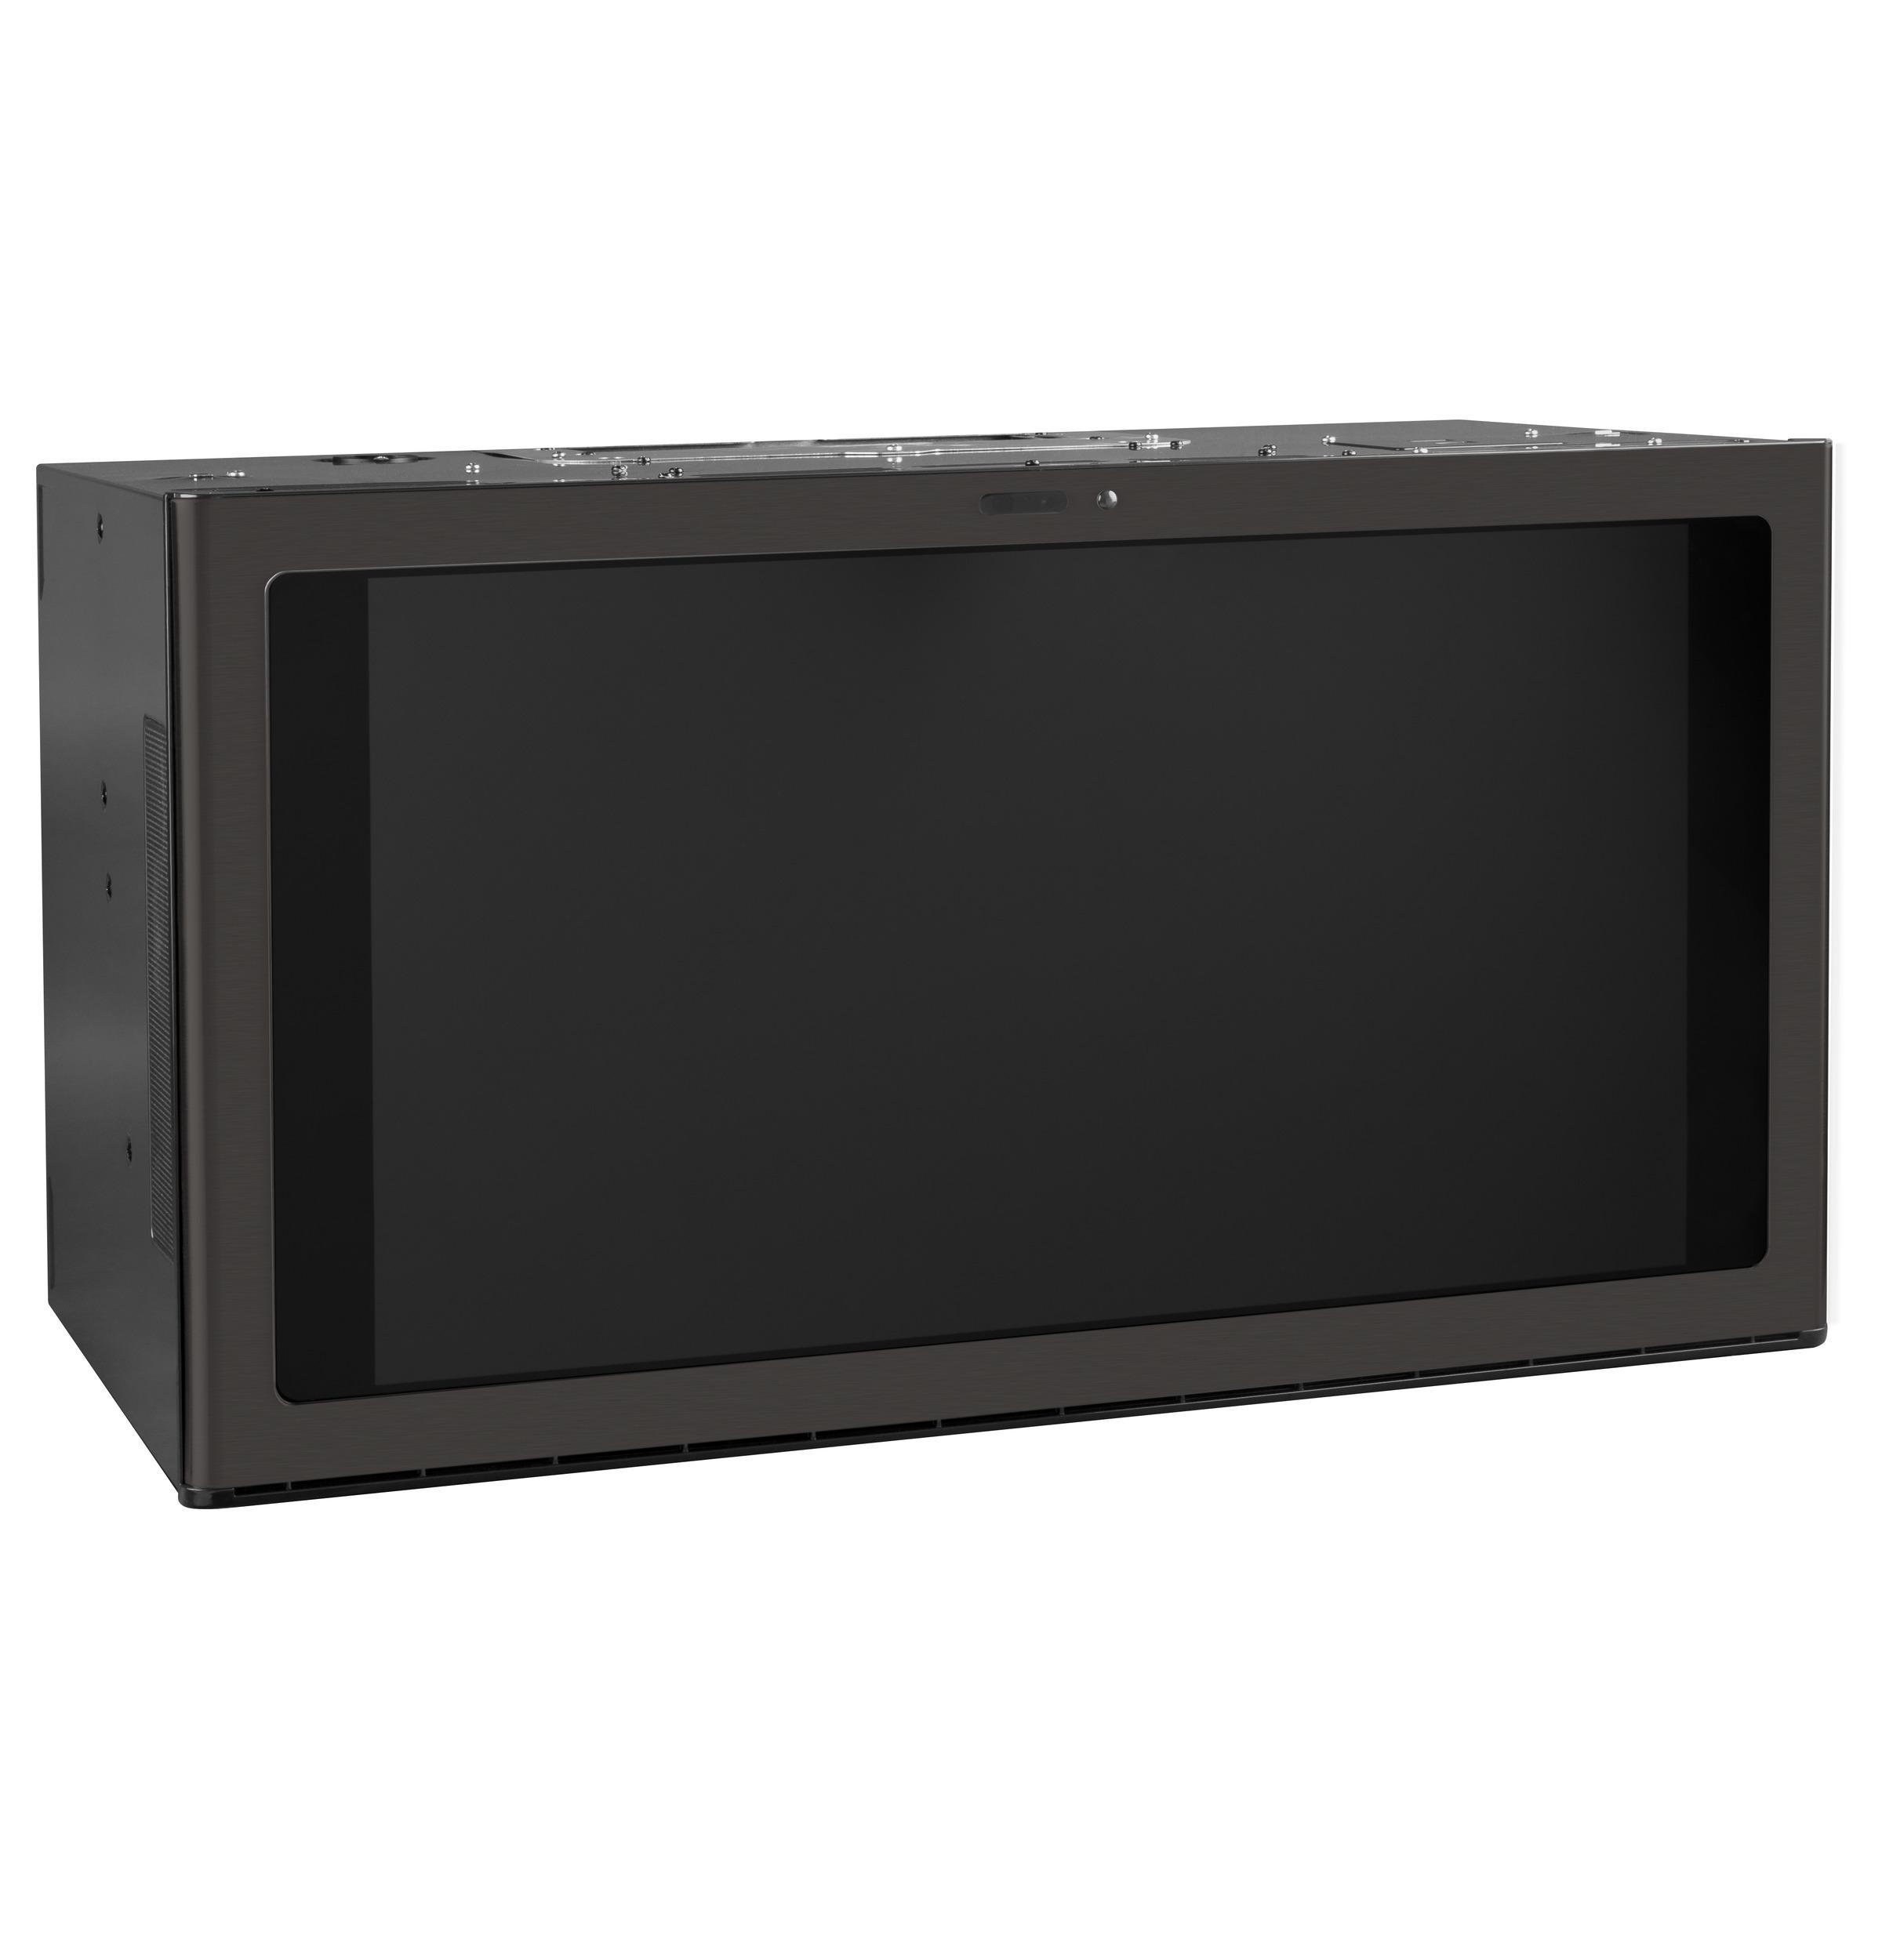 Model: UVH13013MTS | Cafe Kitchen Hub Smart Home Center